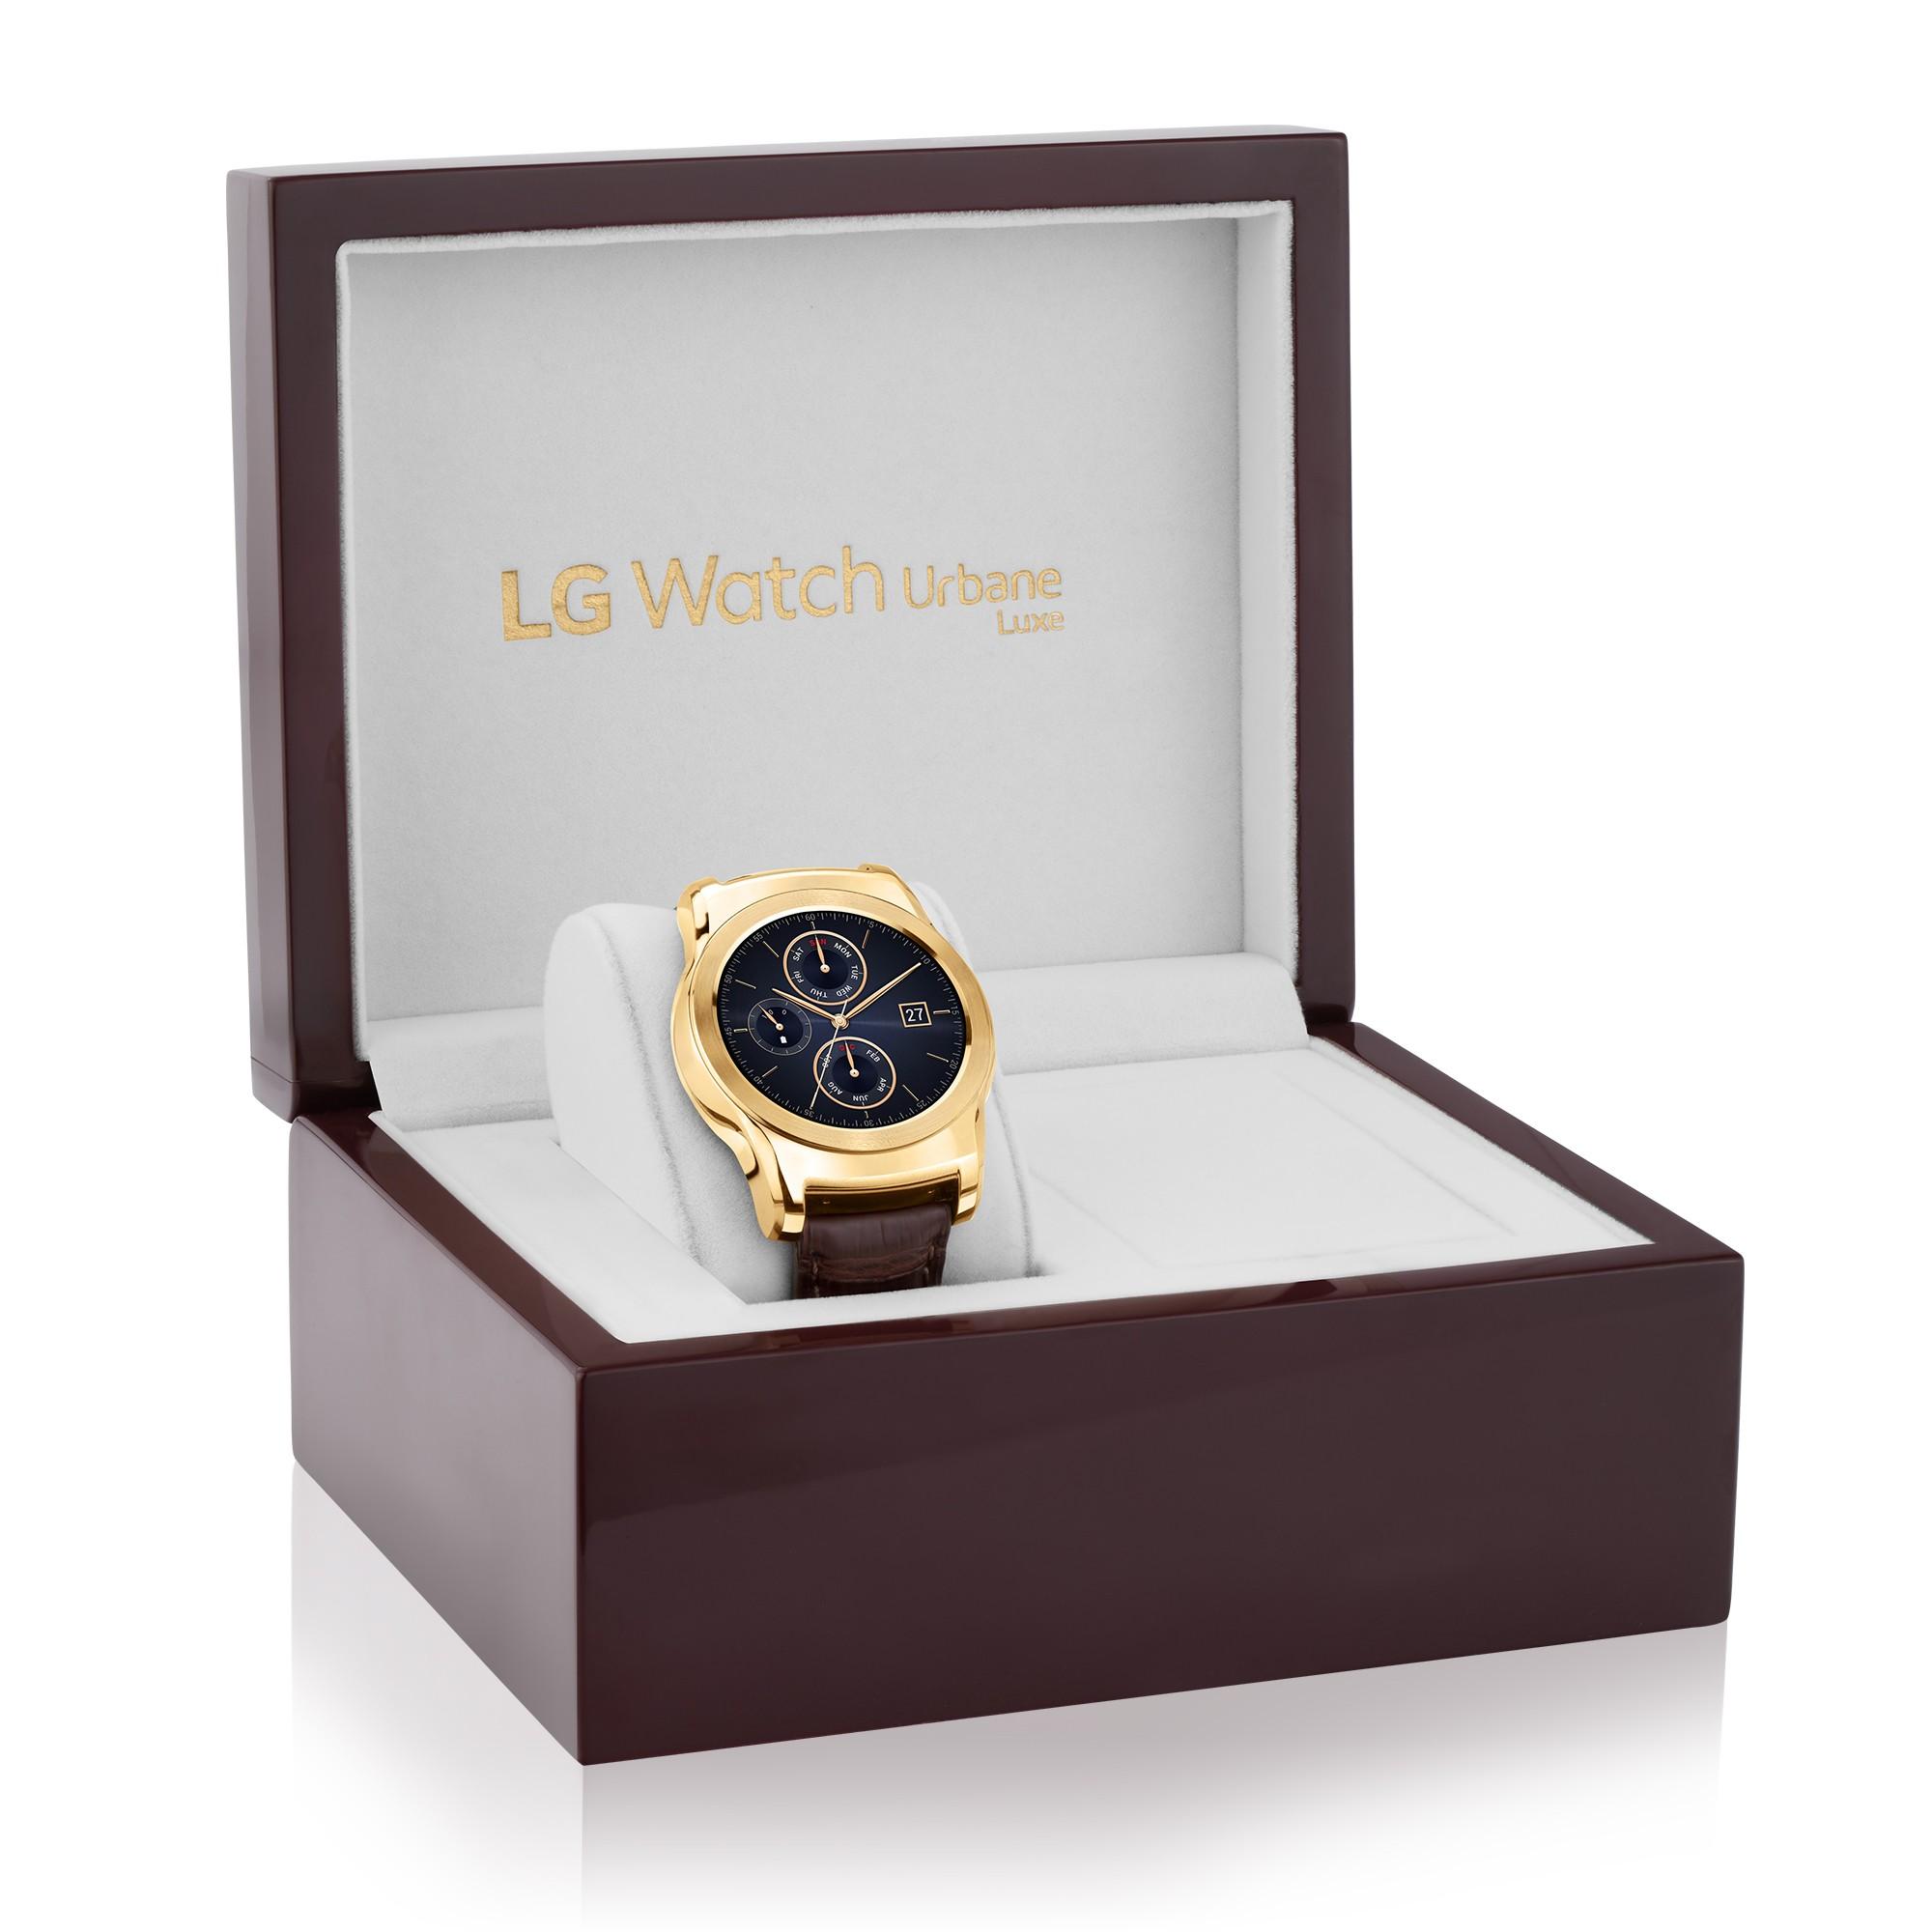 LG-Watch-Urbane-Luxe-Case.jpg